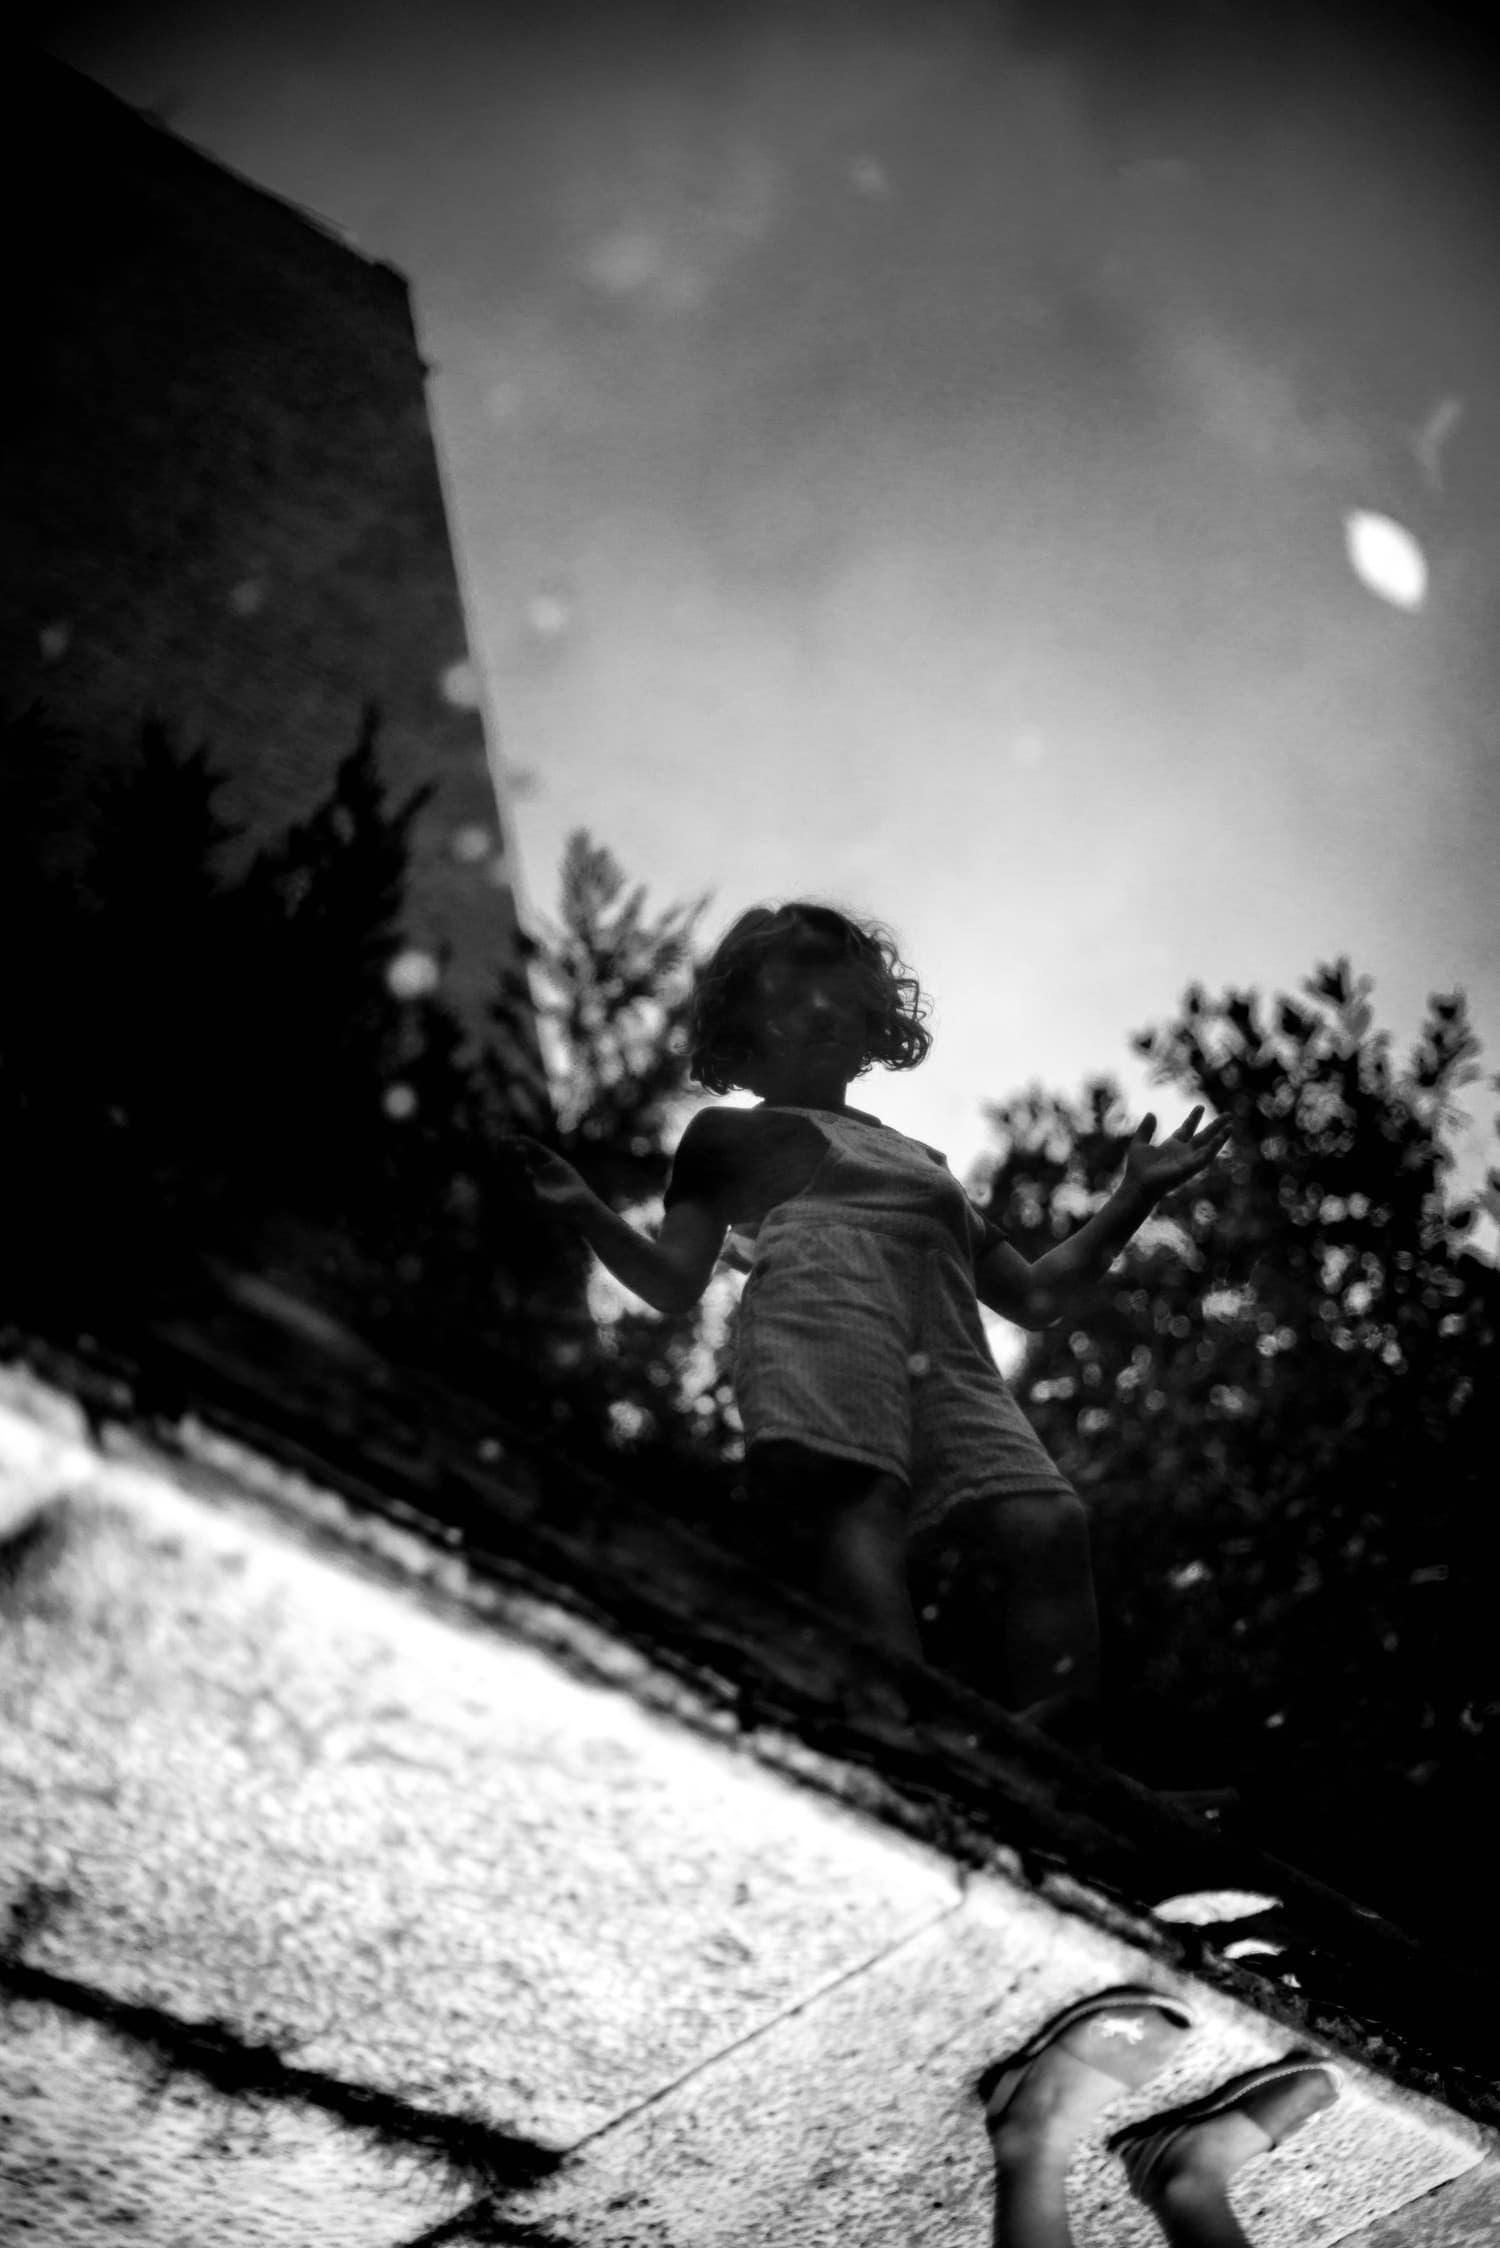 fotografía reflejo de una niña en blanco y negro